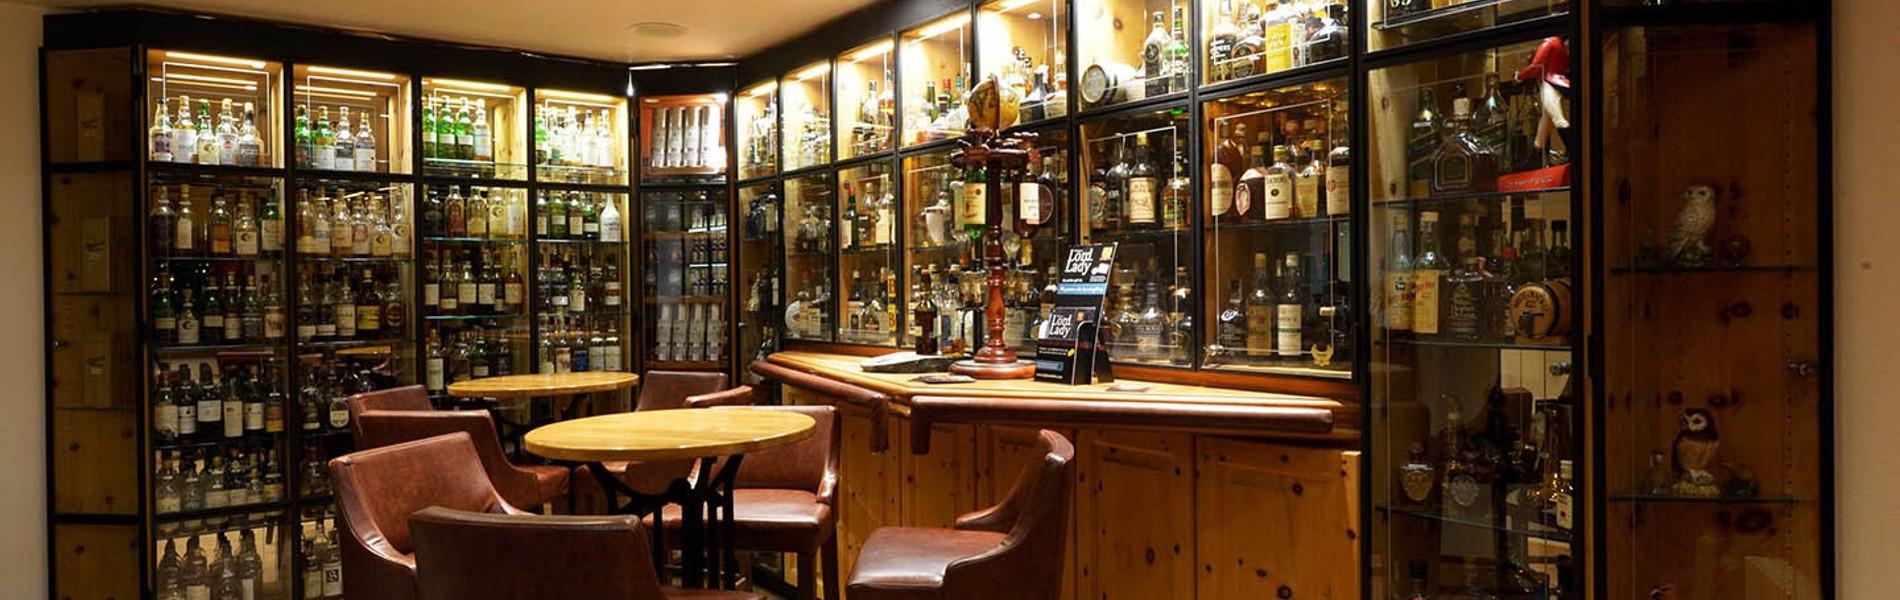 whiskytour1.JPG